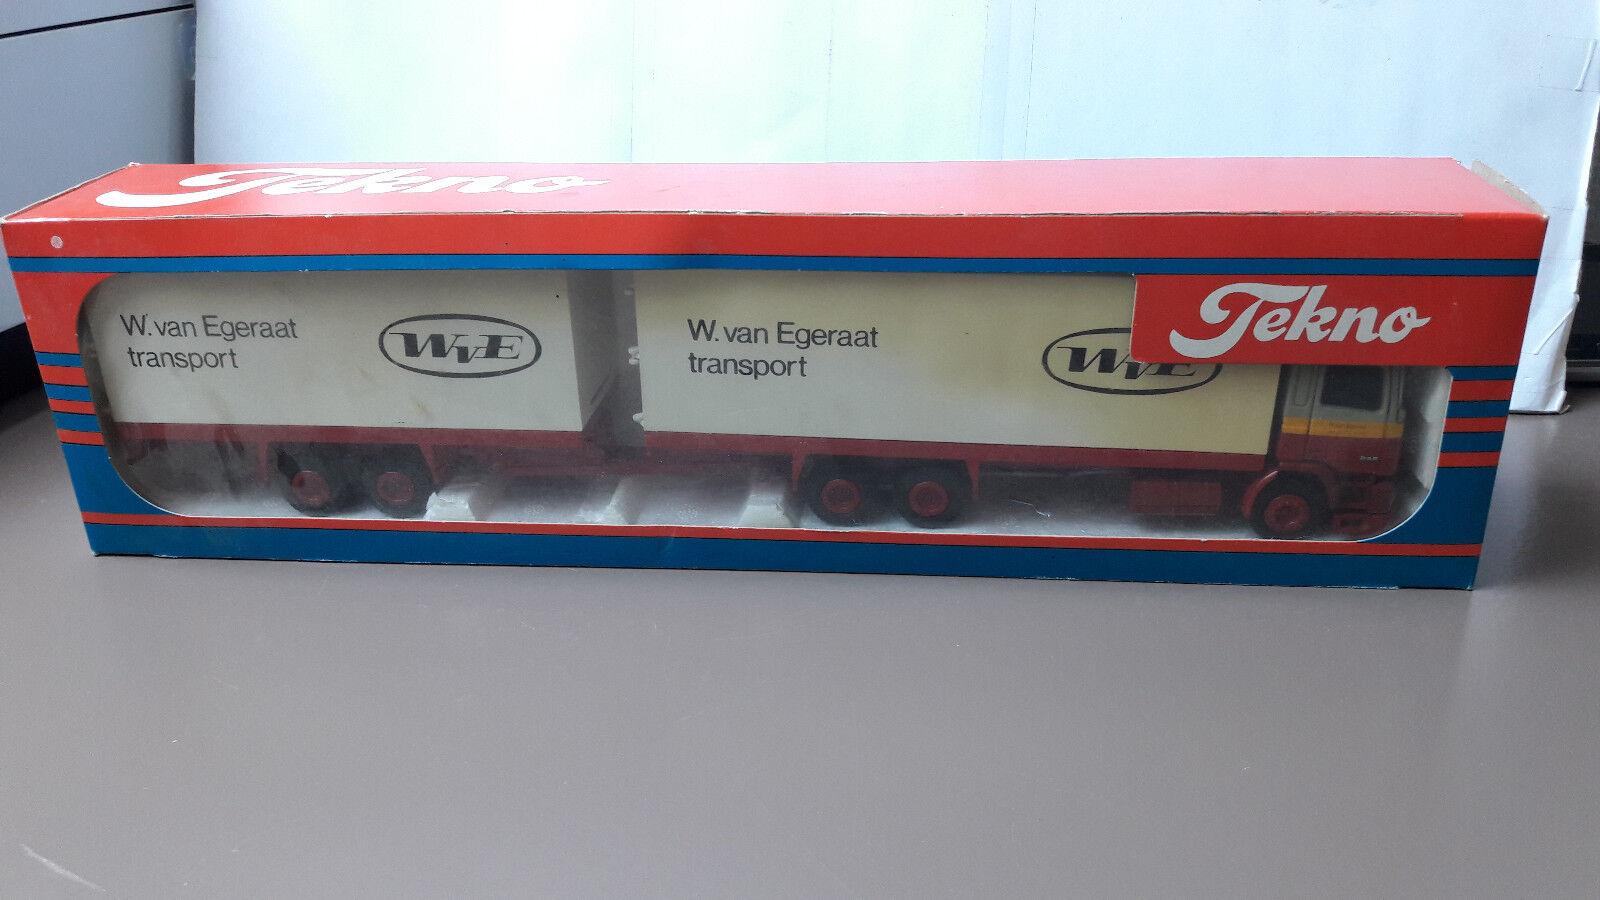 Tekno DAF 95  W. van Egeraat Transport  Metall  1 50  Org. in OVP